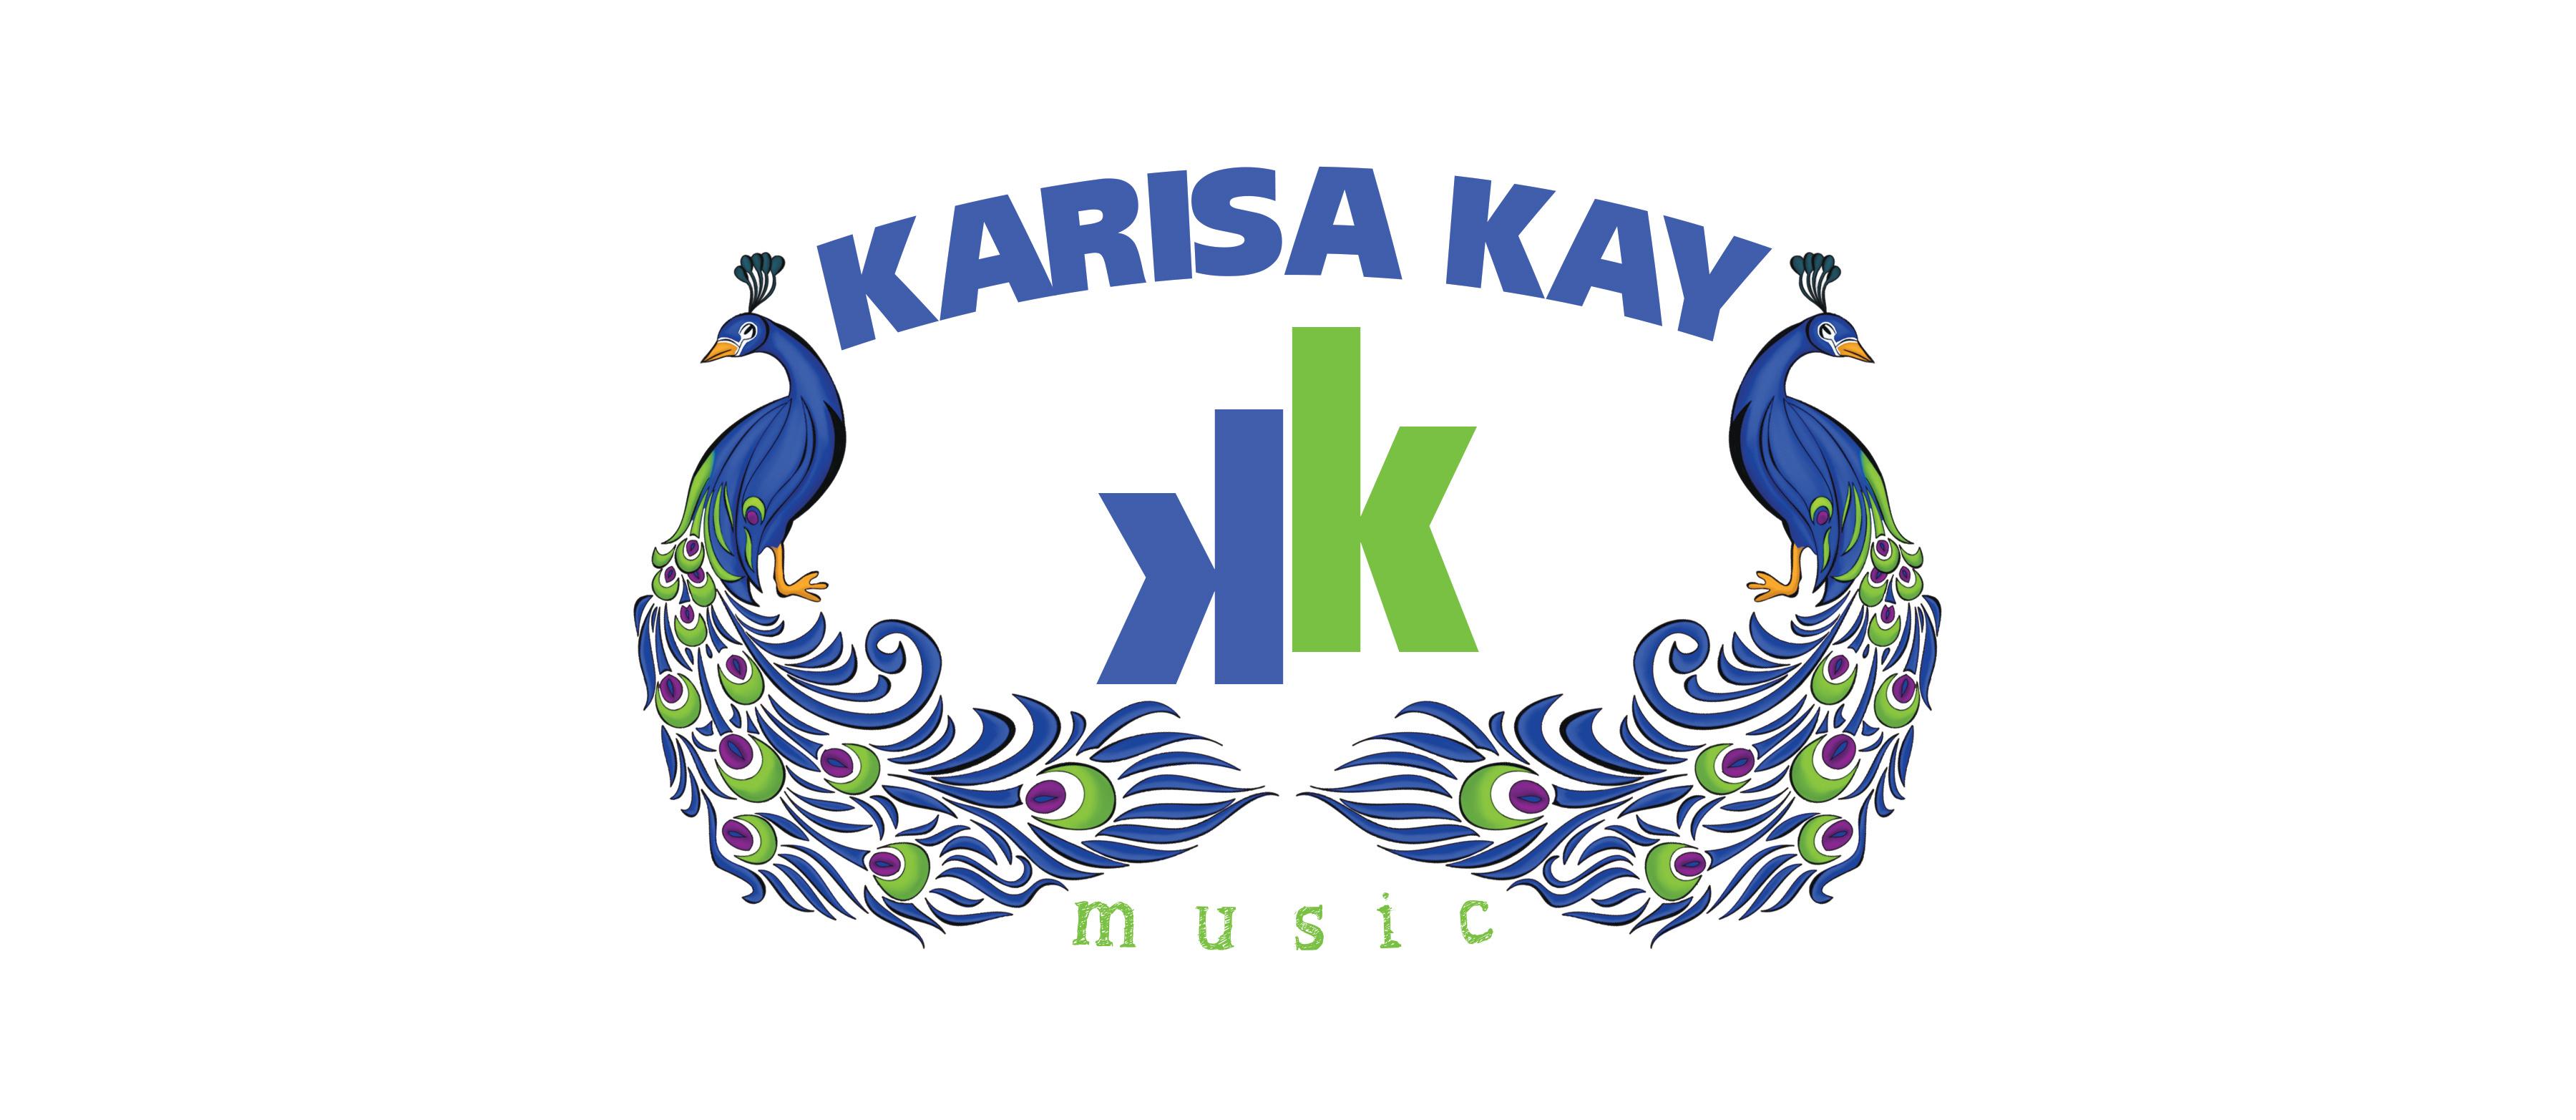 Karisa Kay Music Logo Ver2 Color